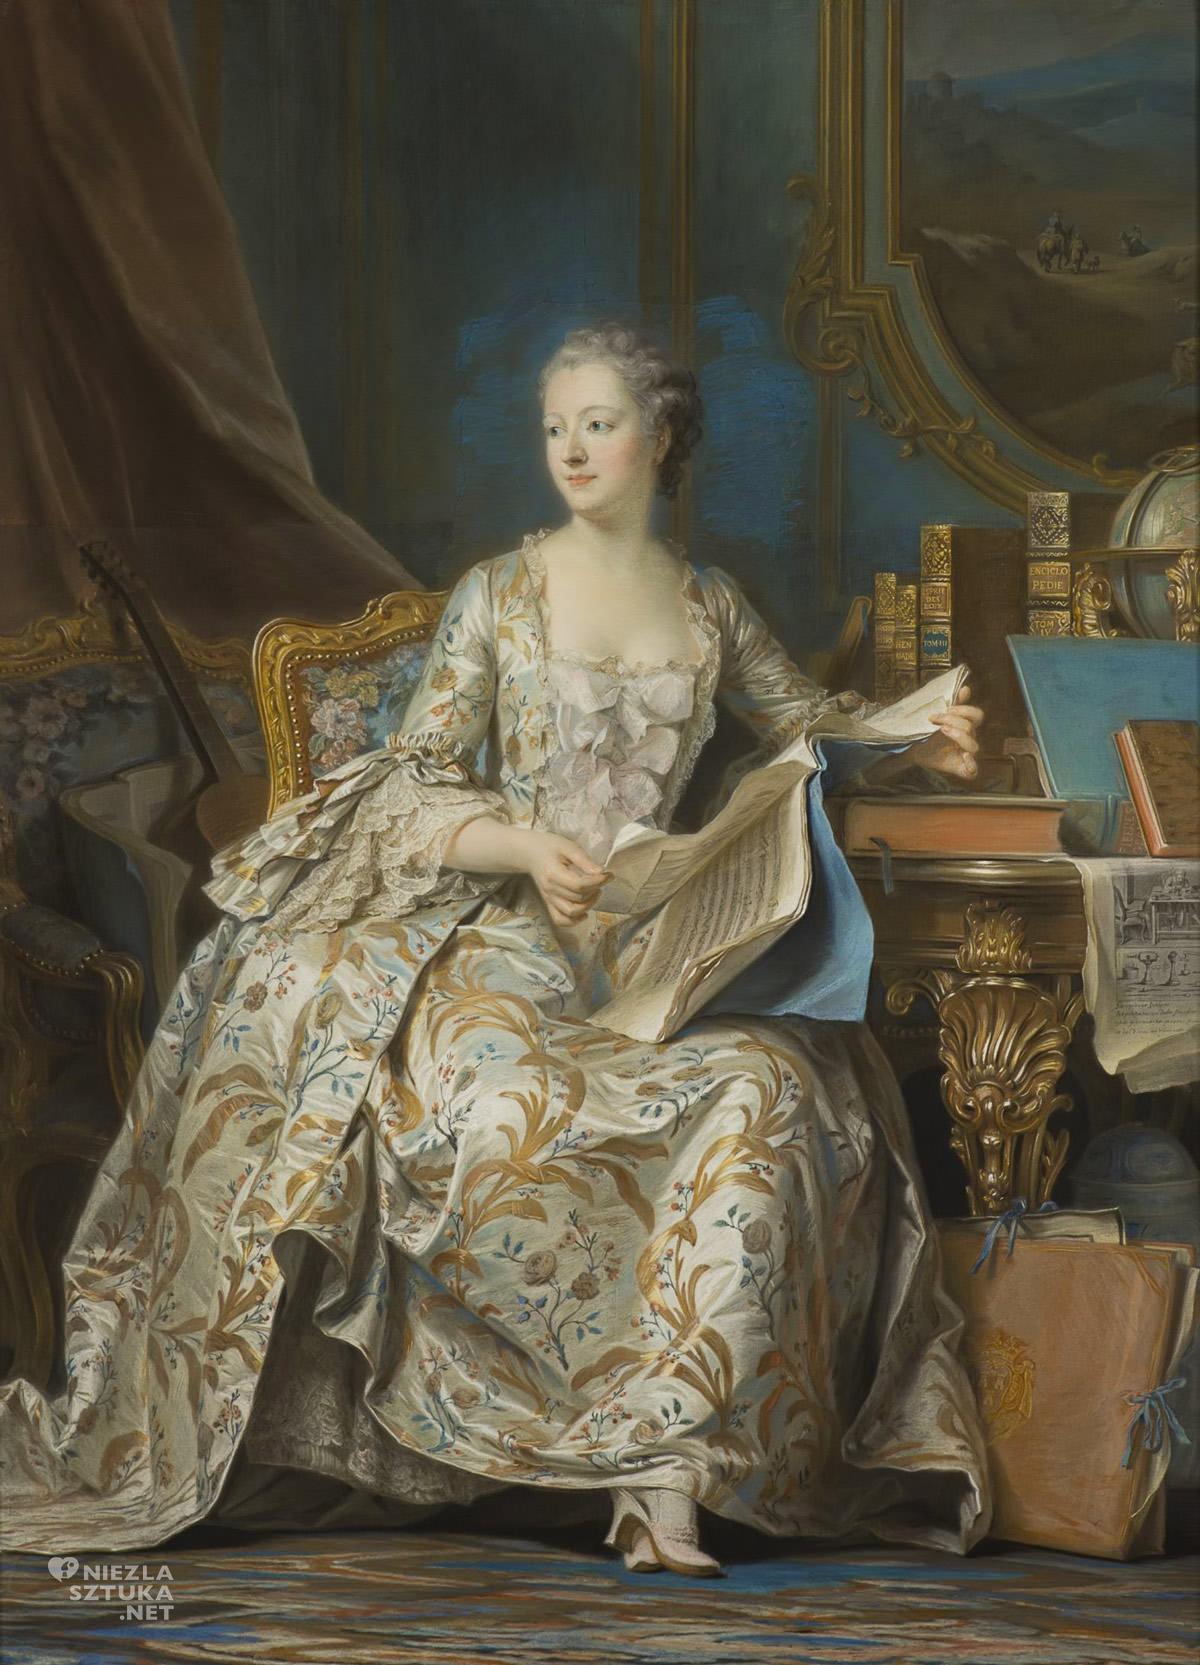 Maurice Quentin de La Tour, Portret Markizy Pompadour, Portret madame de Pompadour, malarstwo francuskie, rokoko, moda, Niezła Sztuka